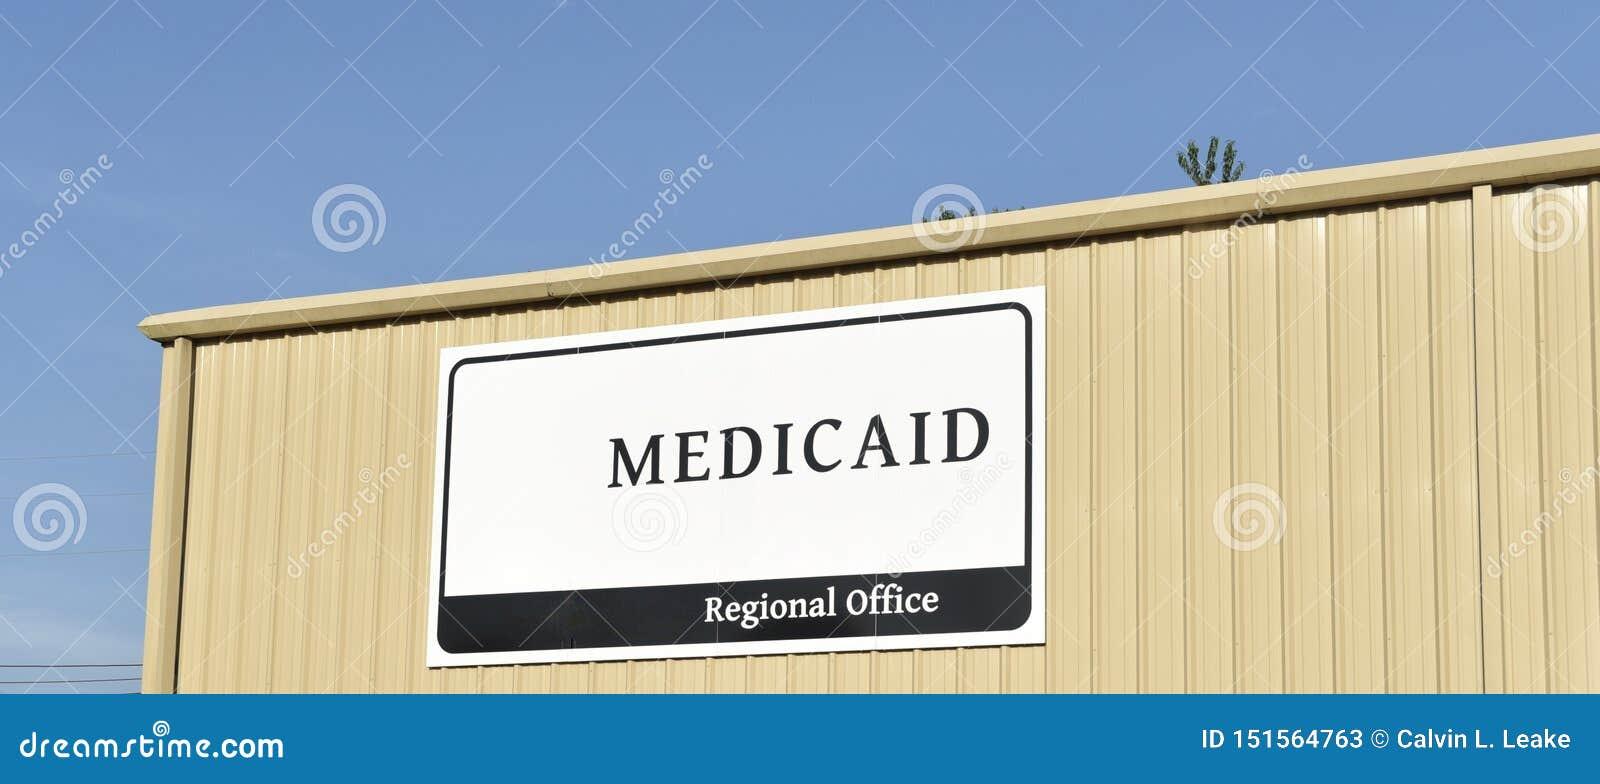 Региональный офис Medicaid